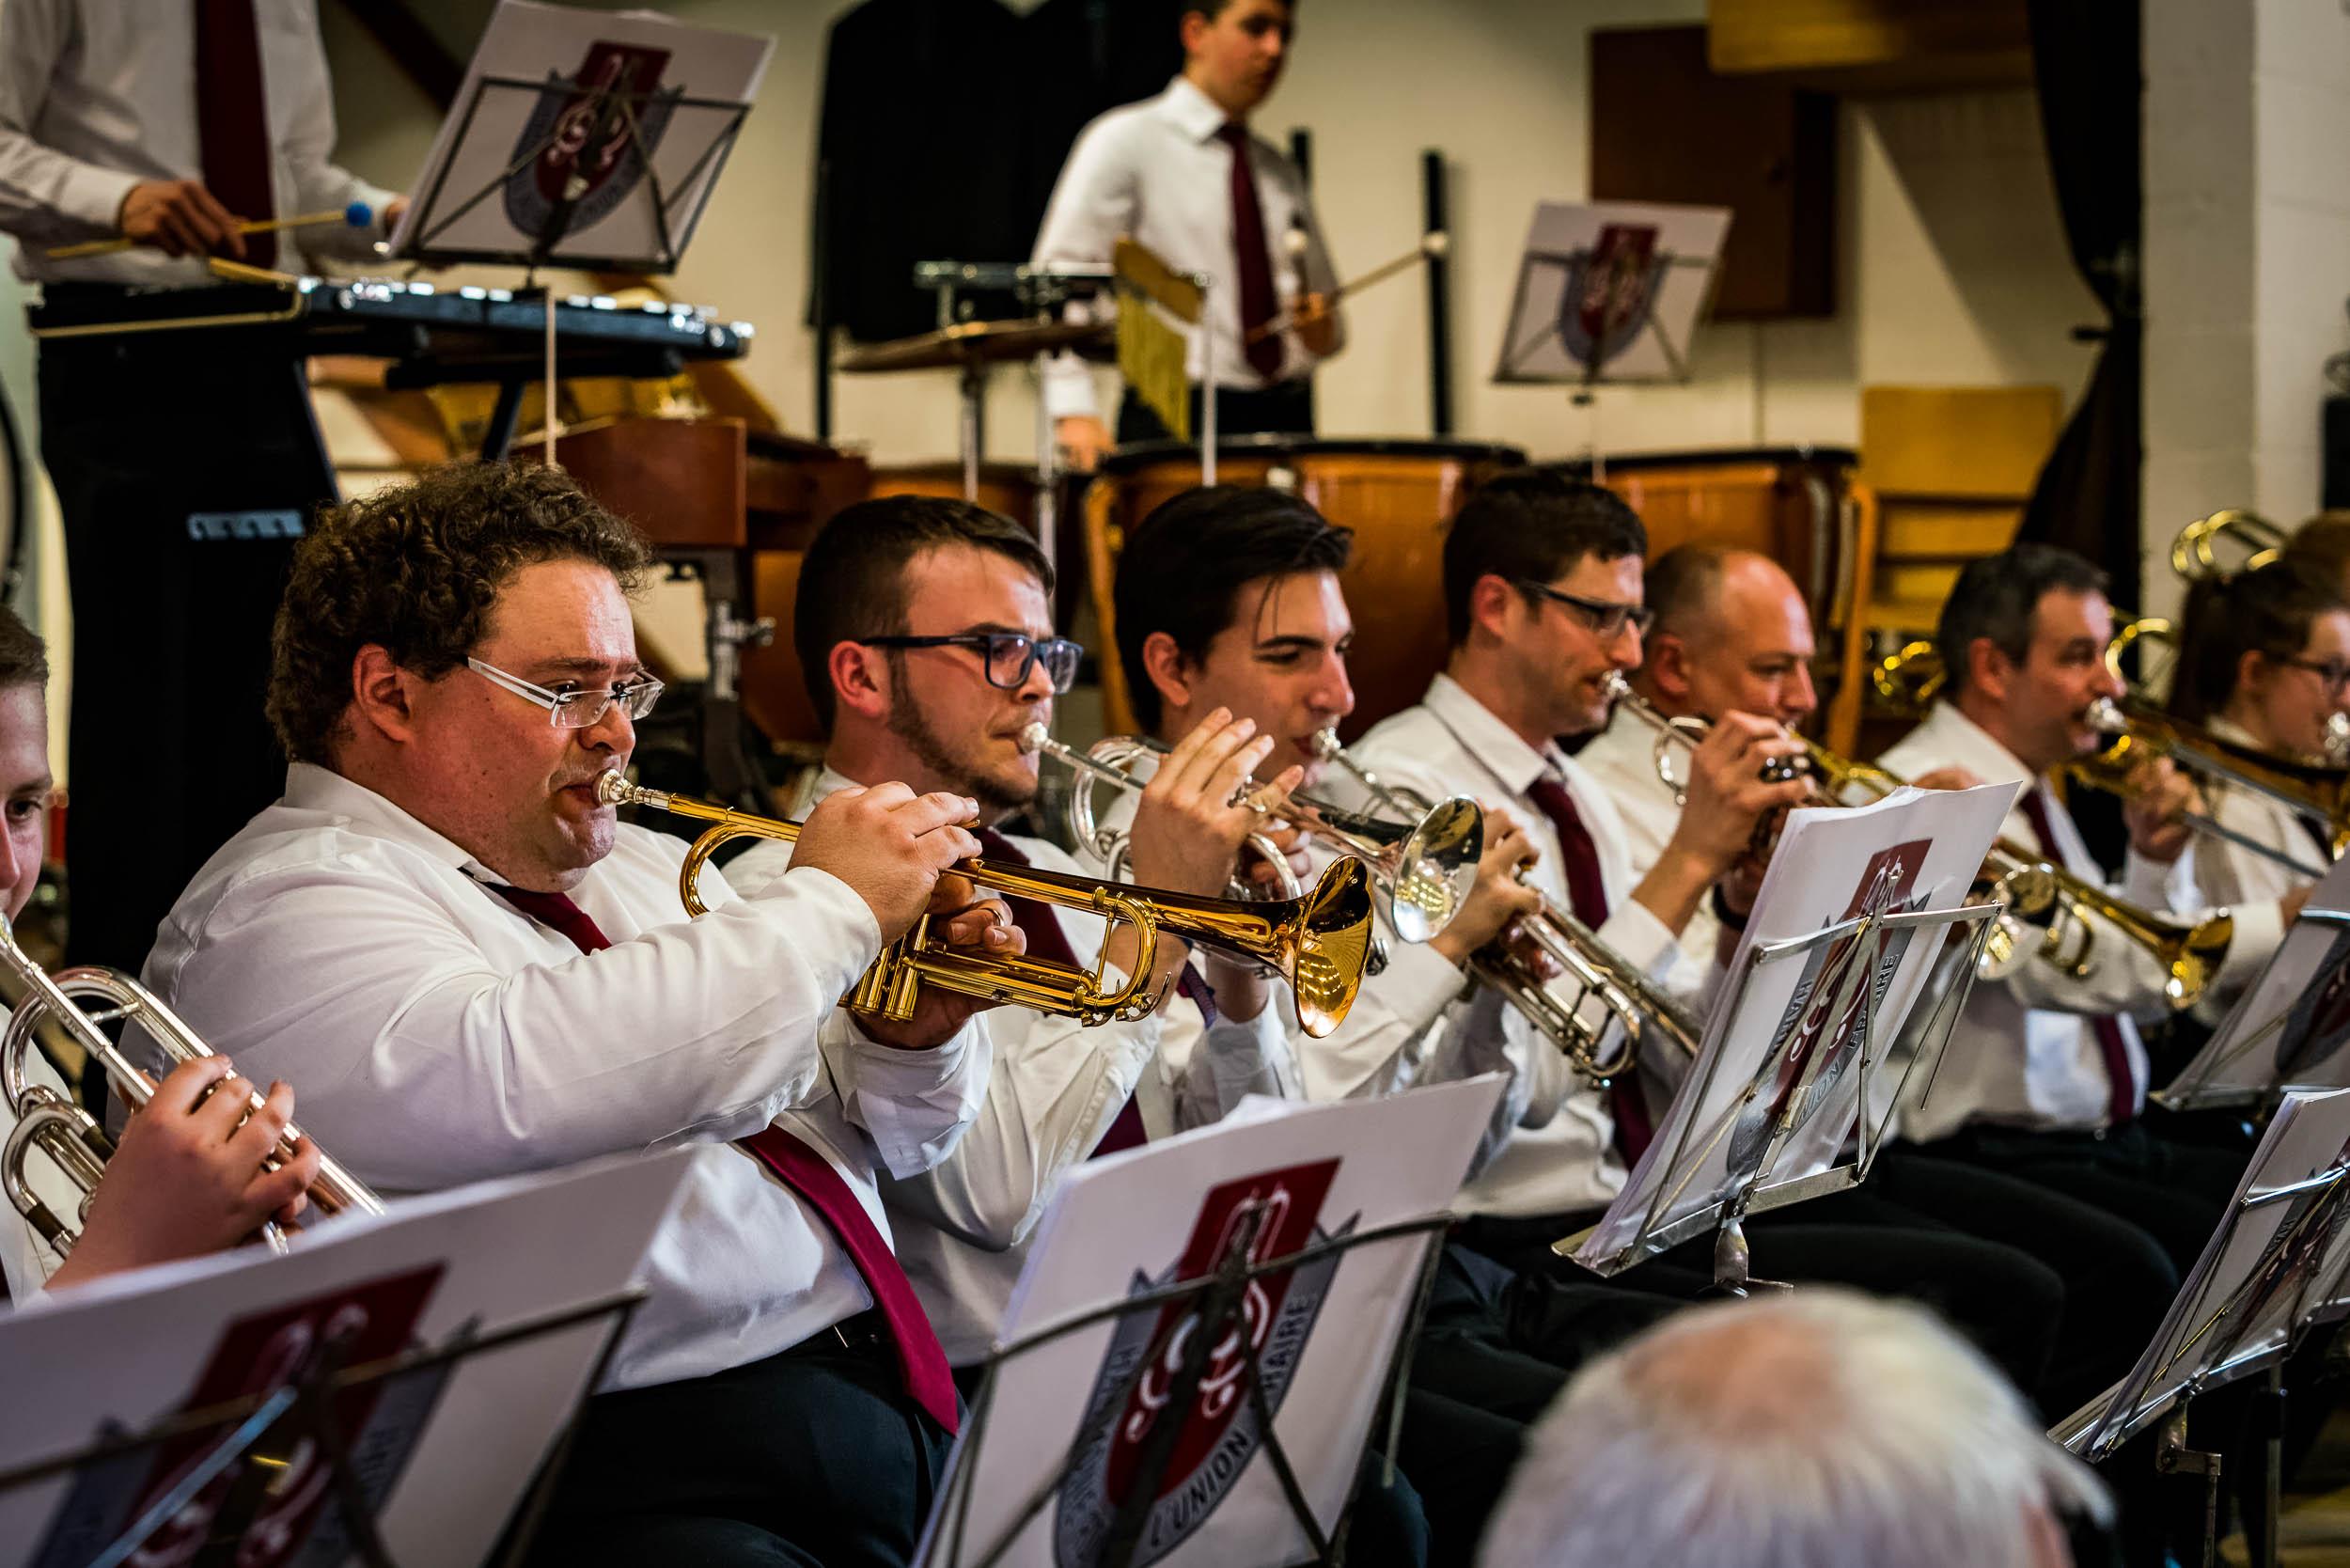 Photographie de concert de musique classique réalisée par un p